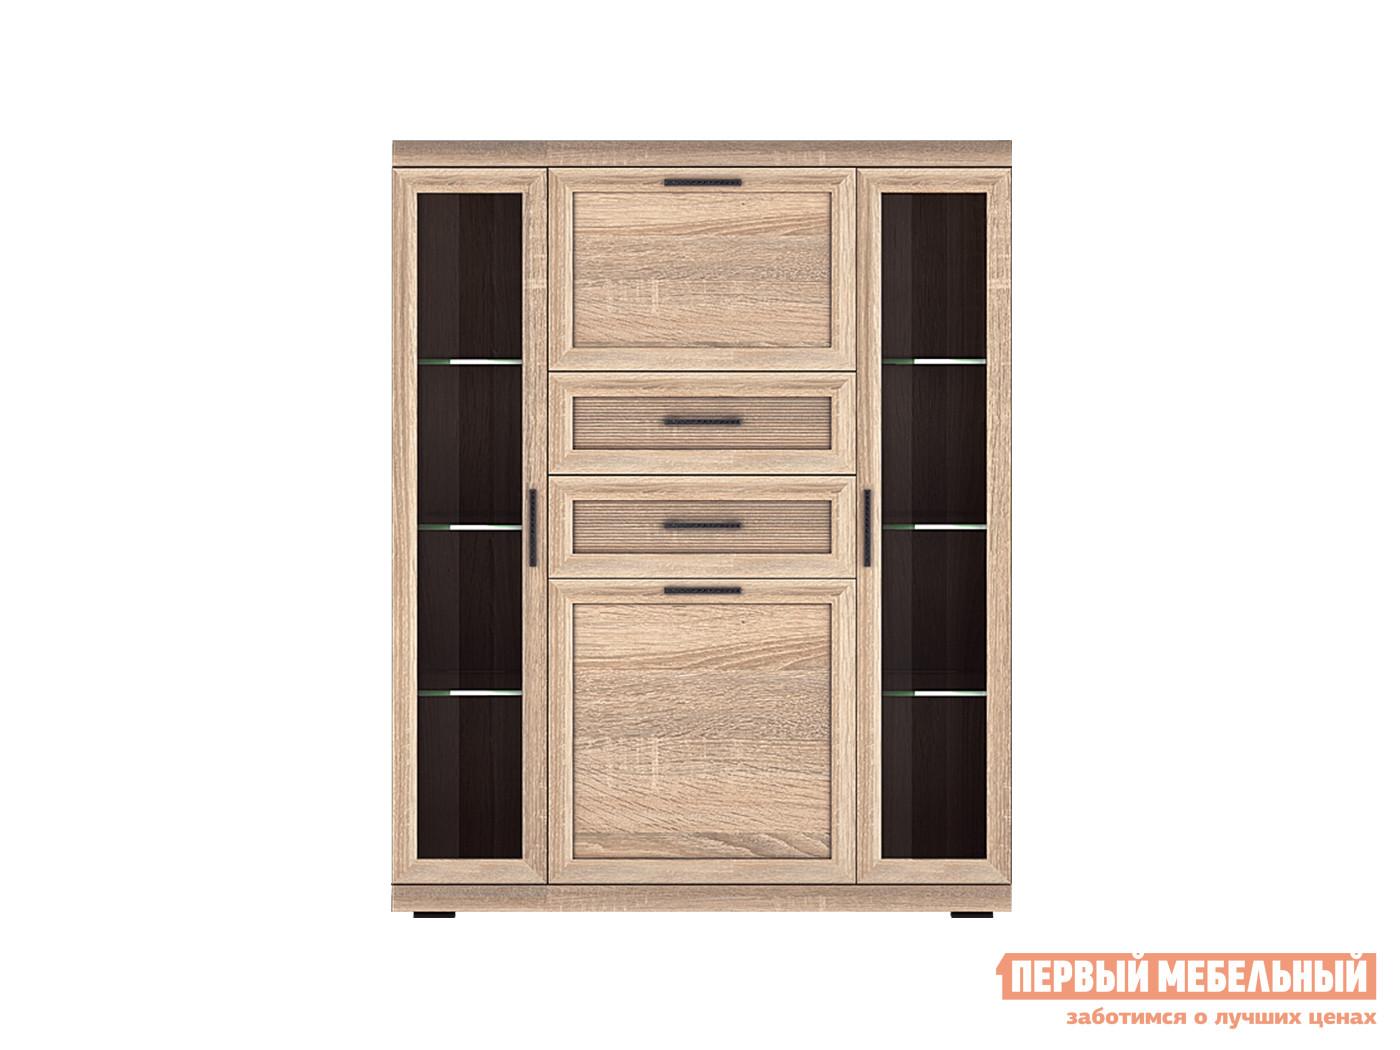 Шкаф-витрина Первый Мебельный Вега Прованс 8 шкаф угловой первый мебельный вега прованс шу